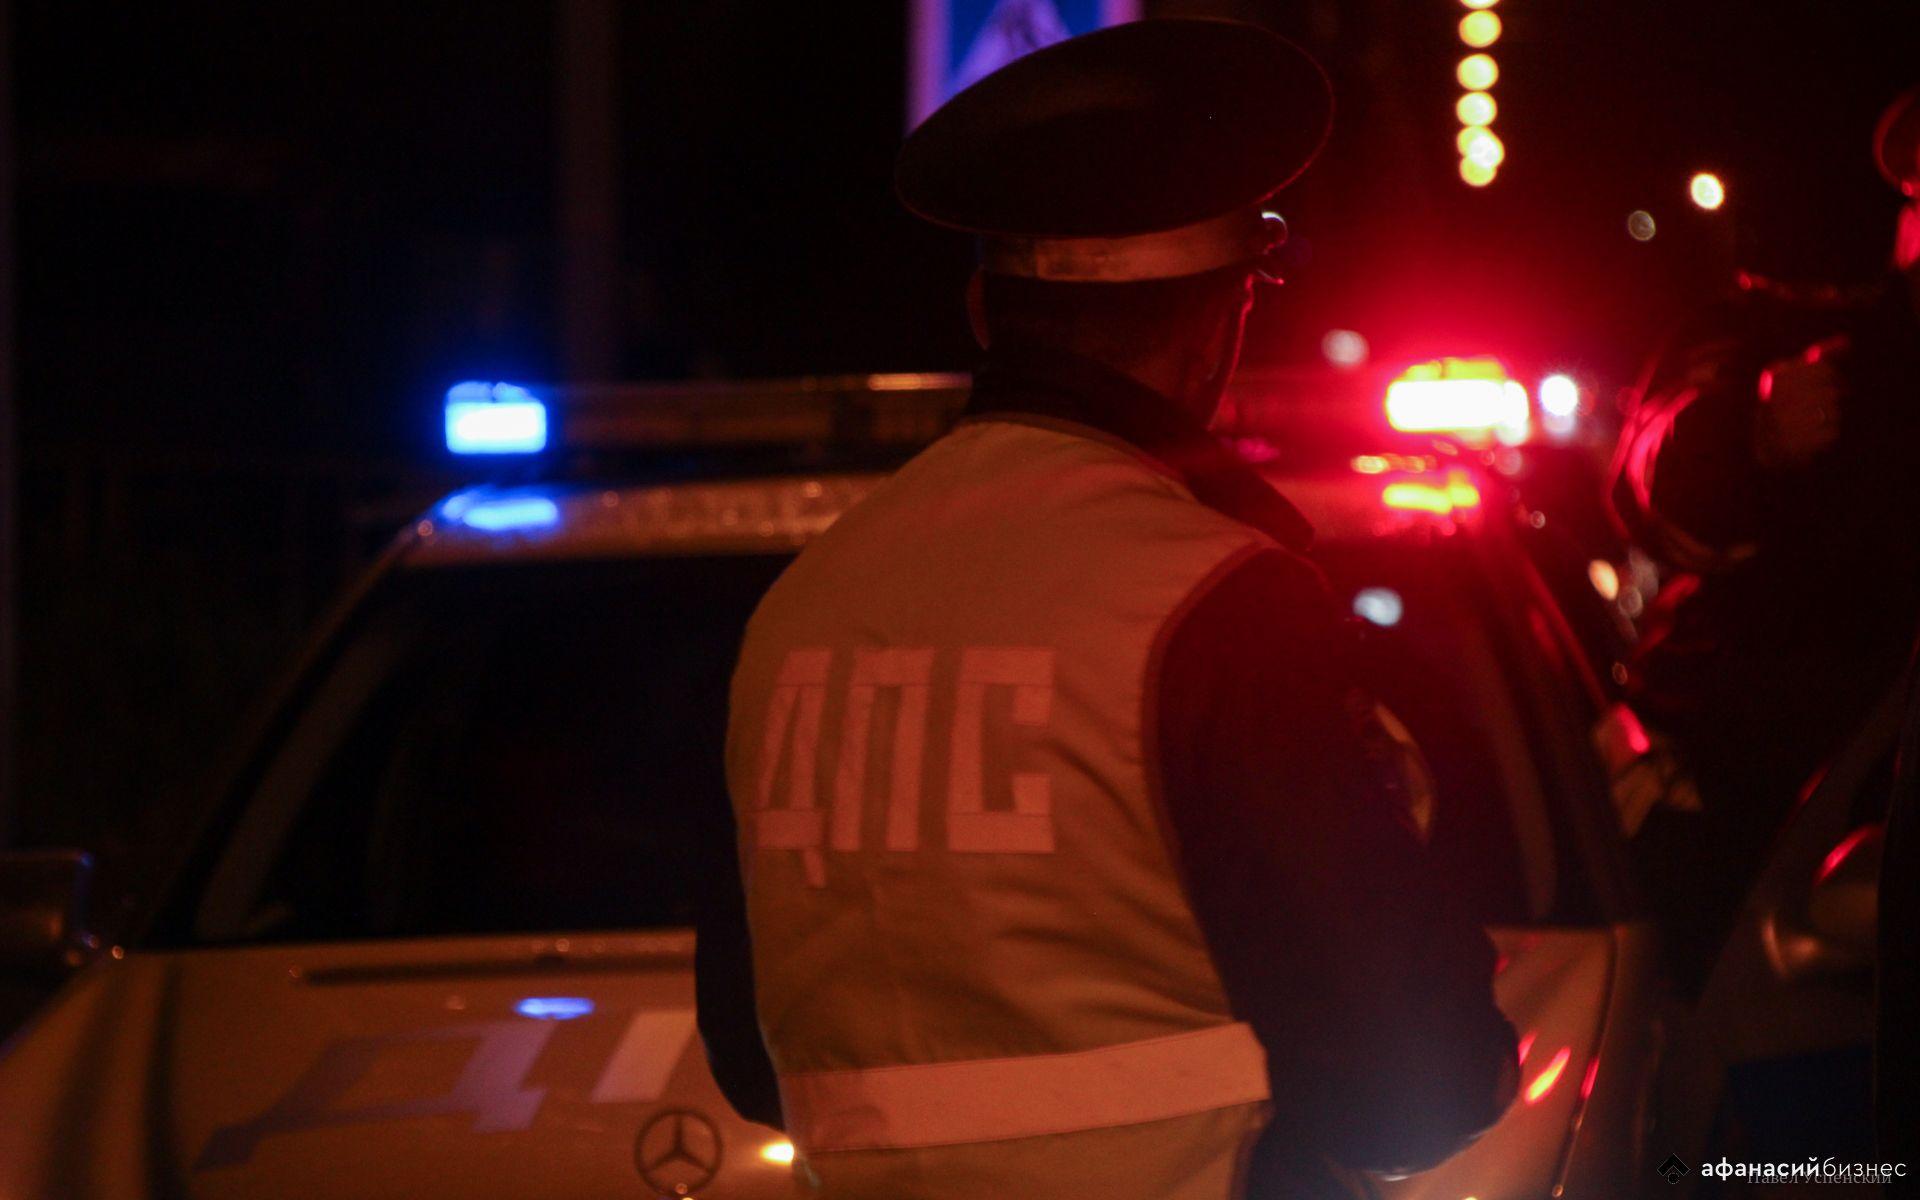 На М10 под Тверью в столкновении трех машин пострадали мужчина и 12-летний мальчик - новости Афанасий